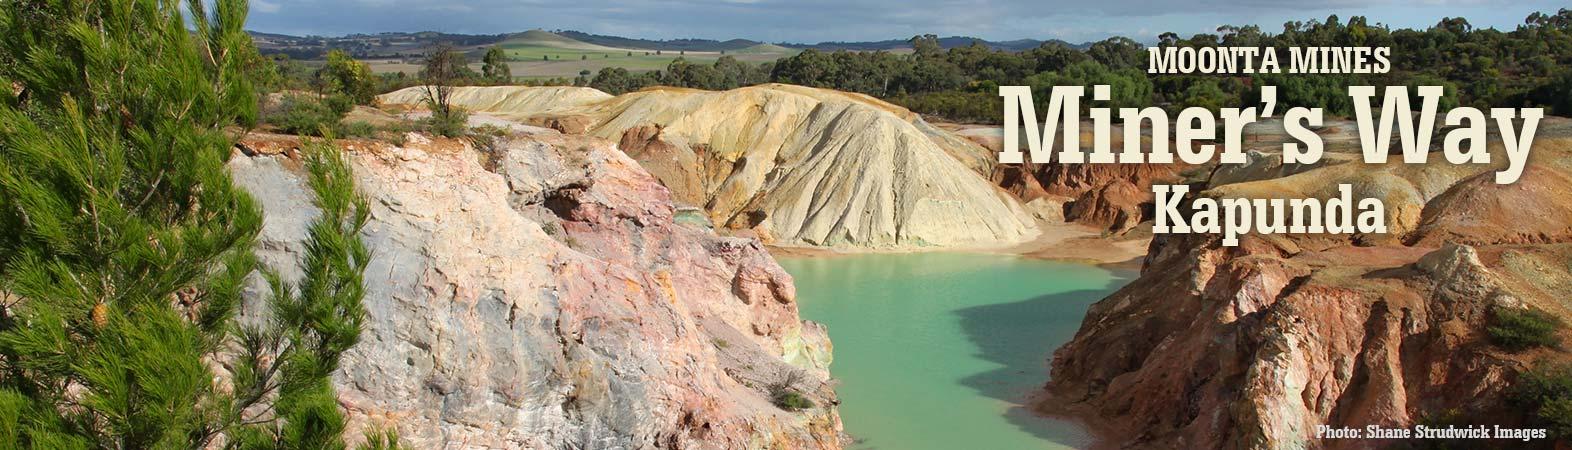 Moonta Mines - Miner's Way Kapunda